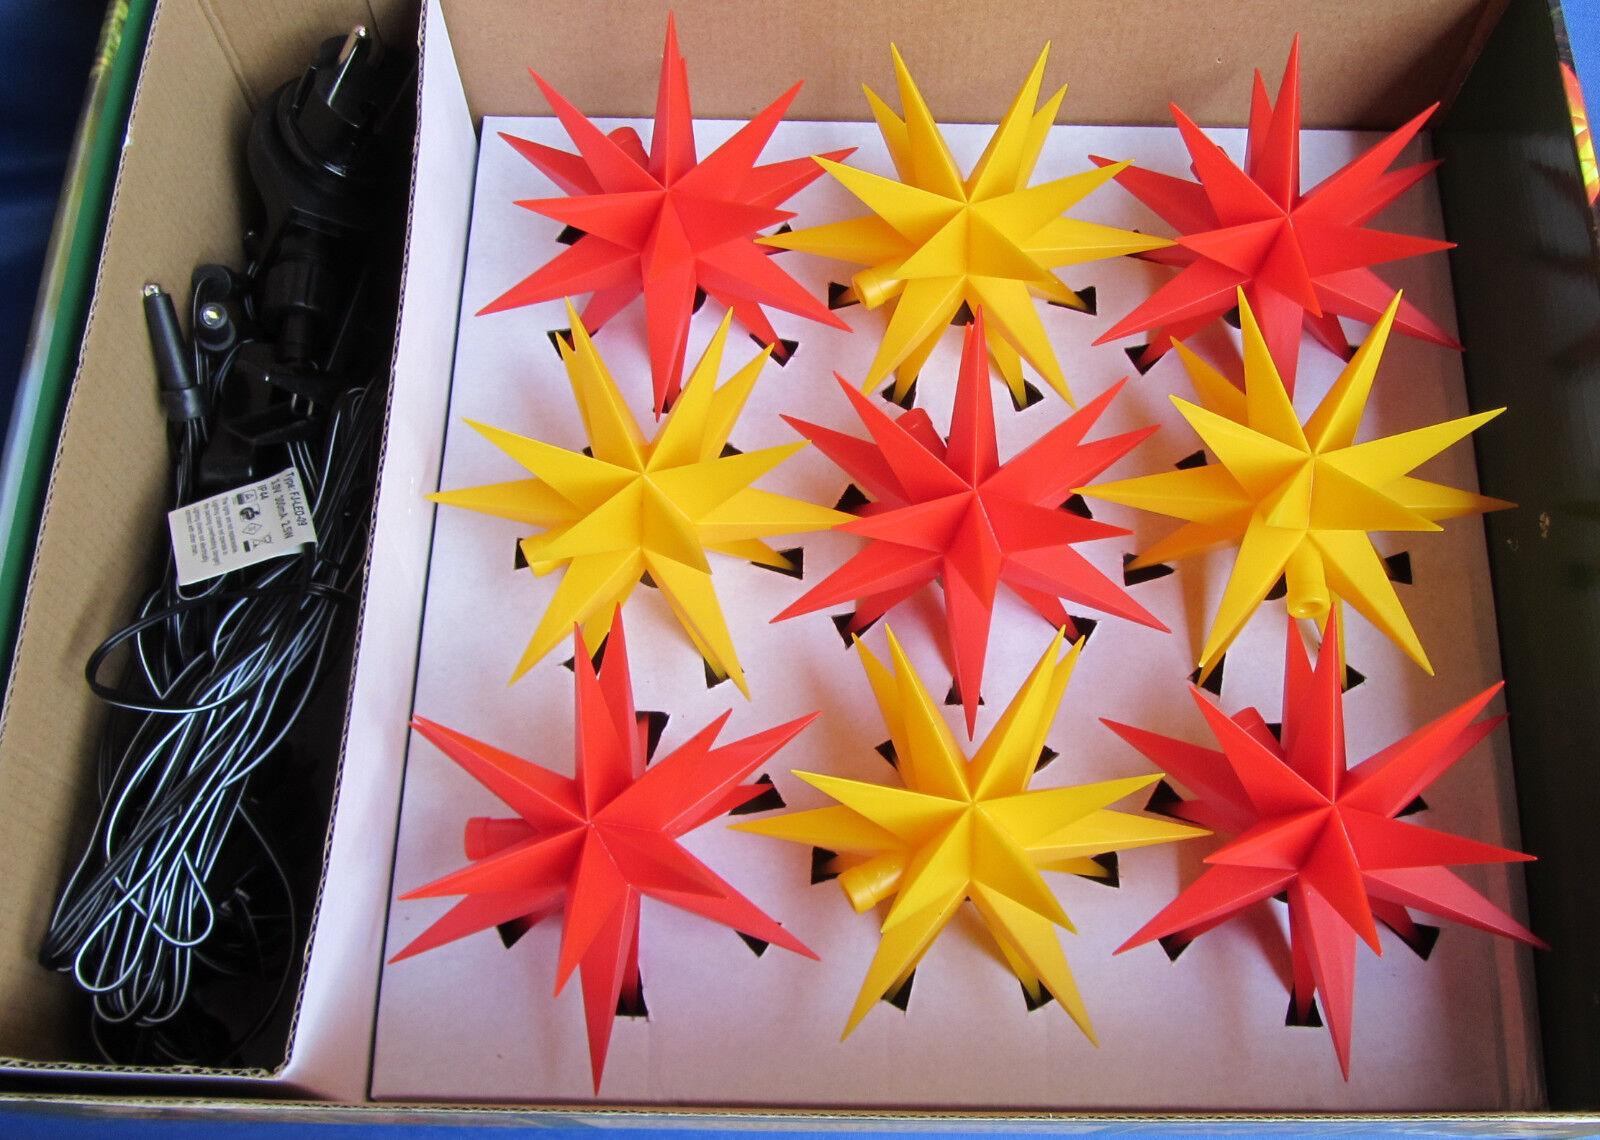 9er CHAÎNE DEL étoiles CHAÎNE 9er ROUGE/JAUNE Noël petite étoile-Chaîne Guirlande lumineuse extérieur 2d4443